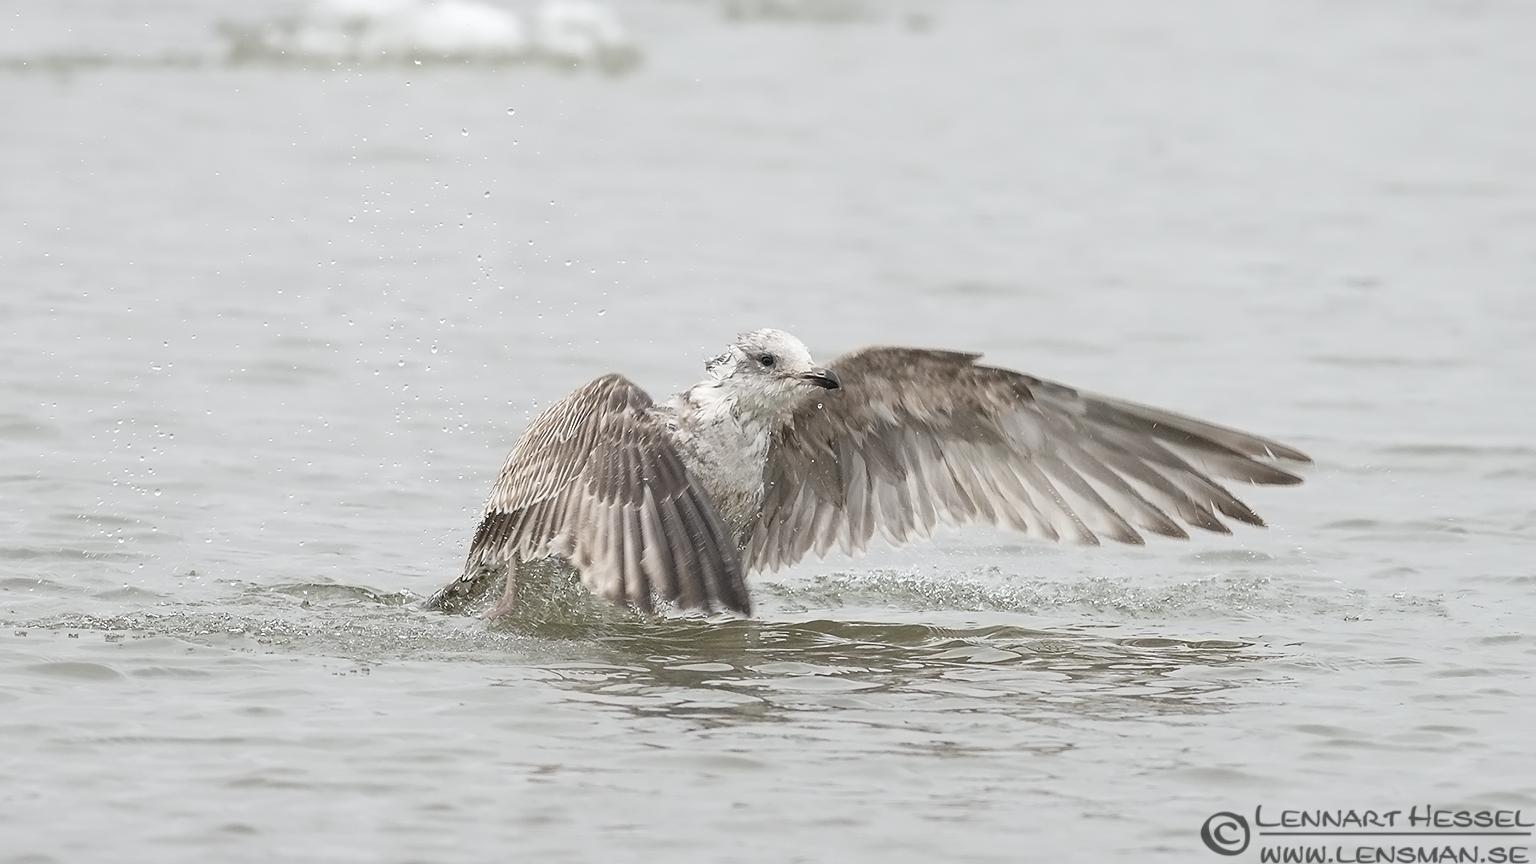 European Herring Gull practice along Göta Älv